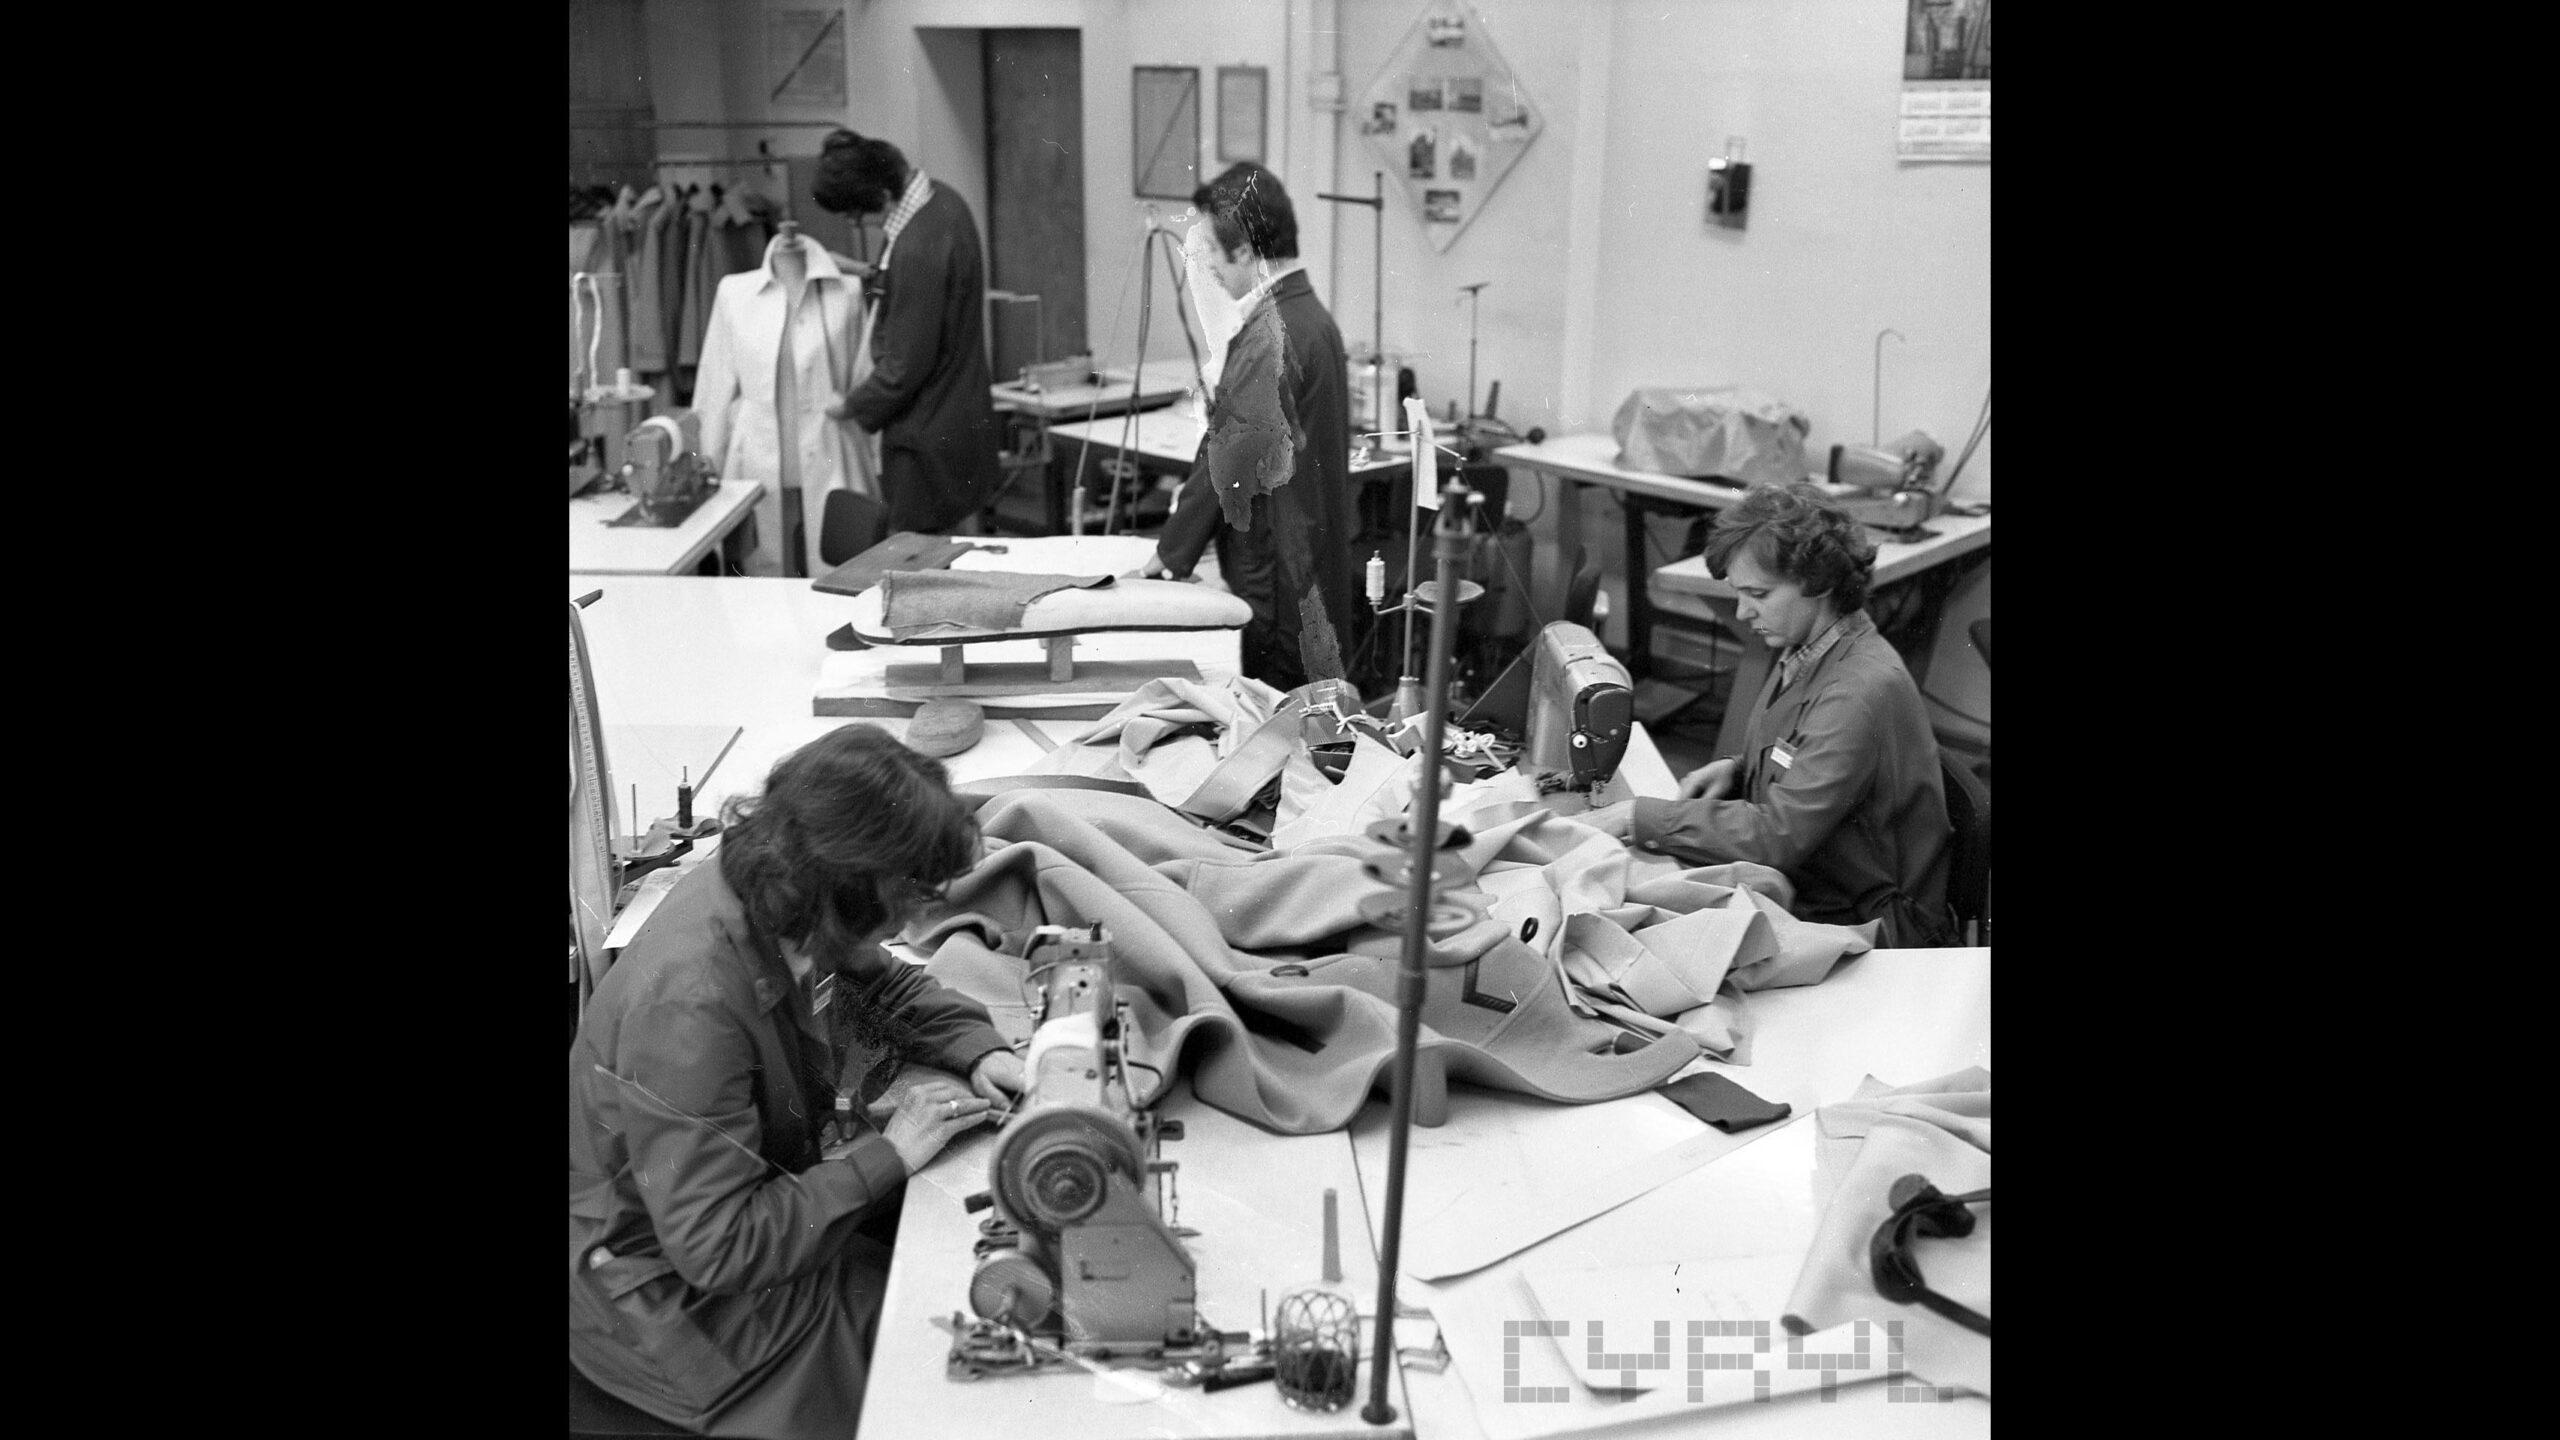 Zakłady Przemysłu Odzieżowego Modena, czyli jak Poznań stał się modową siłą w Polsce